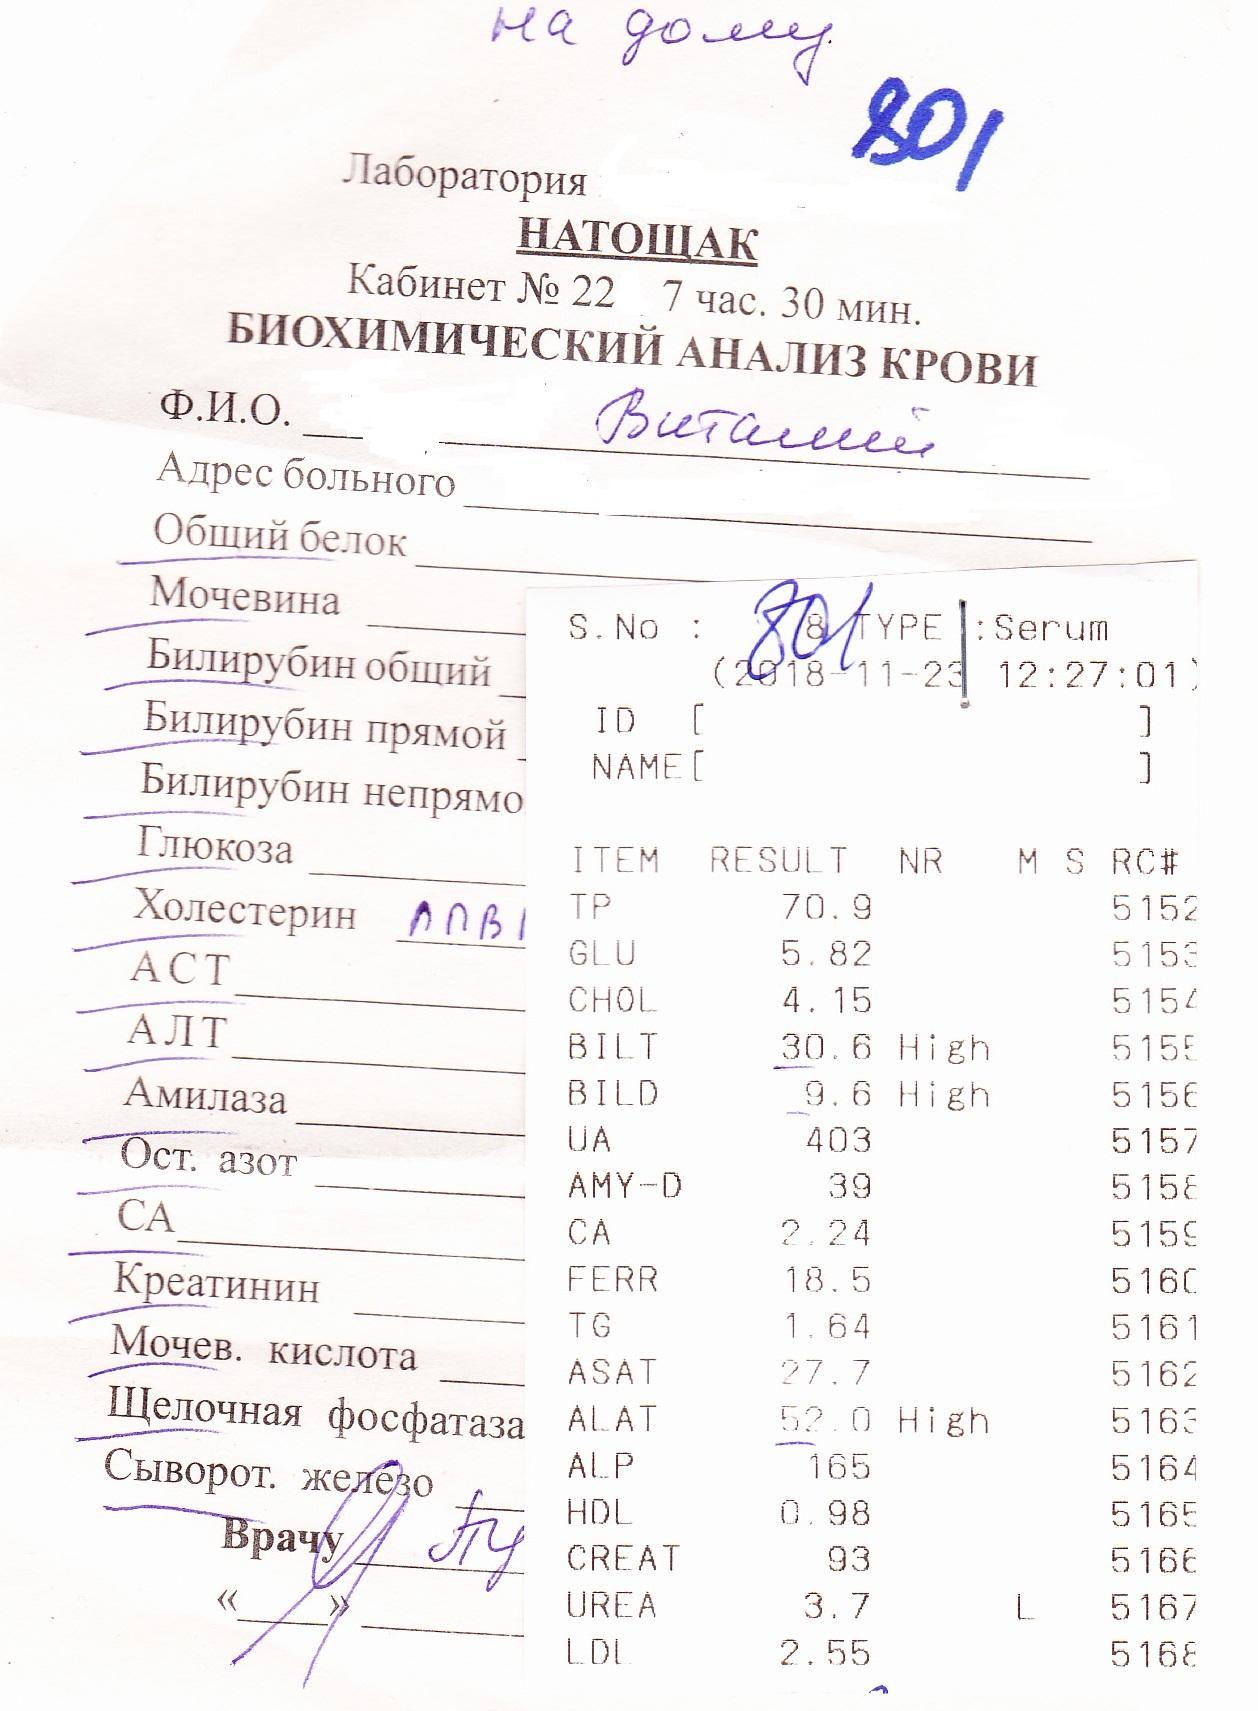 Анализ нет биохимический или крови общий натощак у норм детей биохимического анализа крови